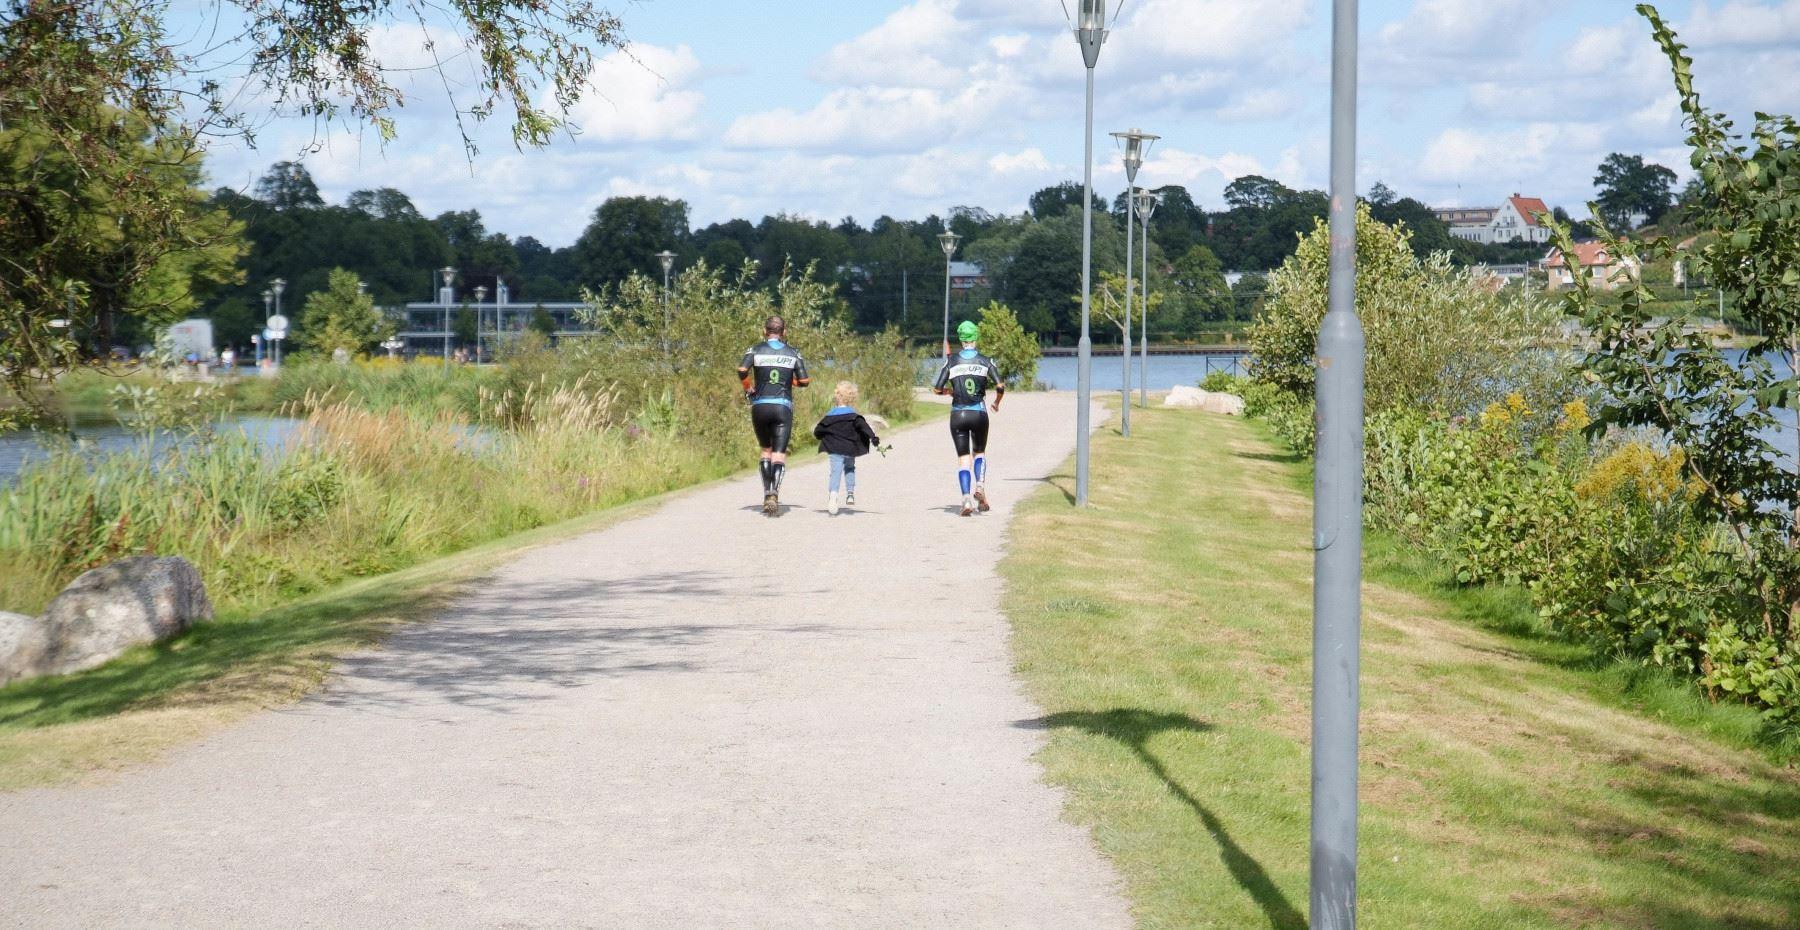 Fahrradtour Växjöåttan, 8 km